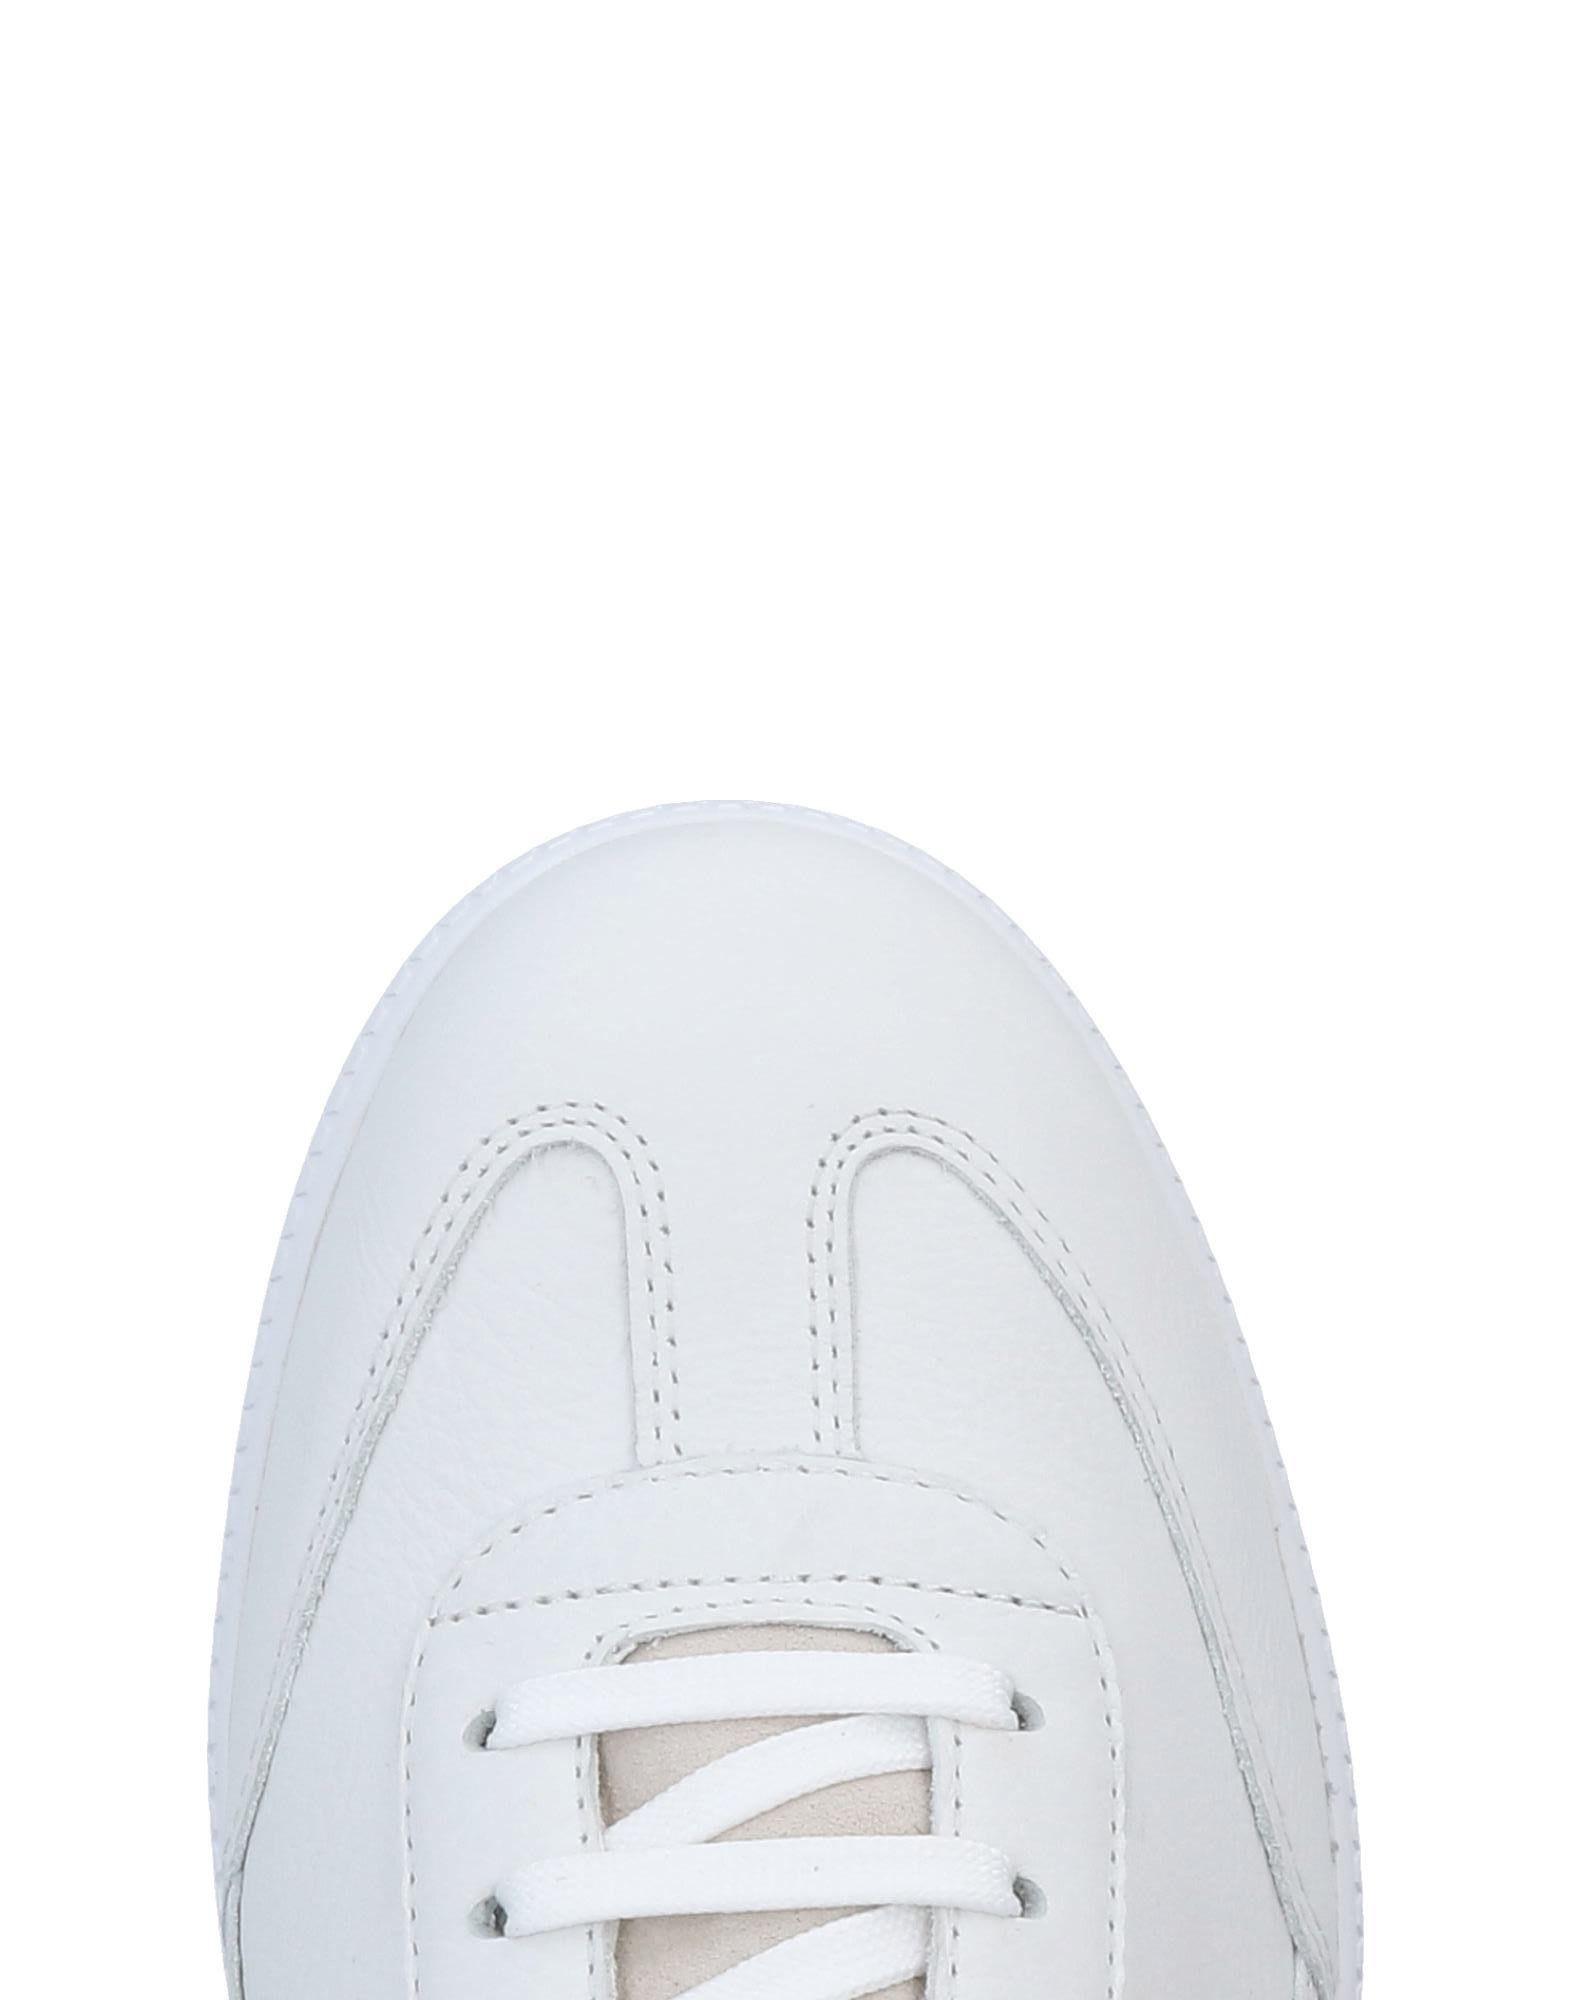 Rabatt echte echte Rabatt Schuhe Geox Sneakers Herren  11453883QS 2ebc81